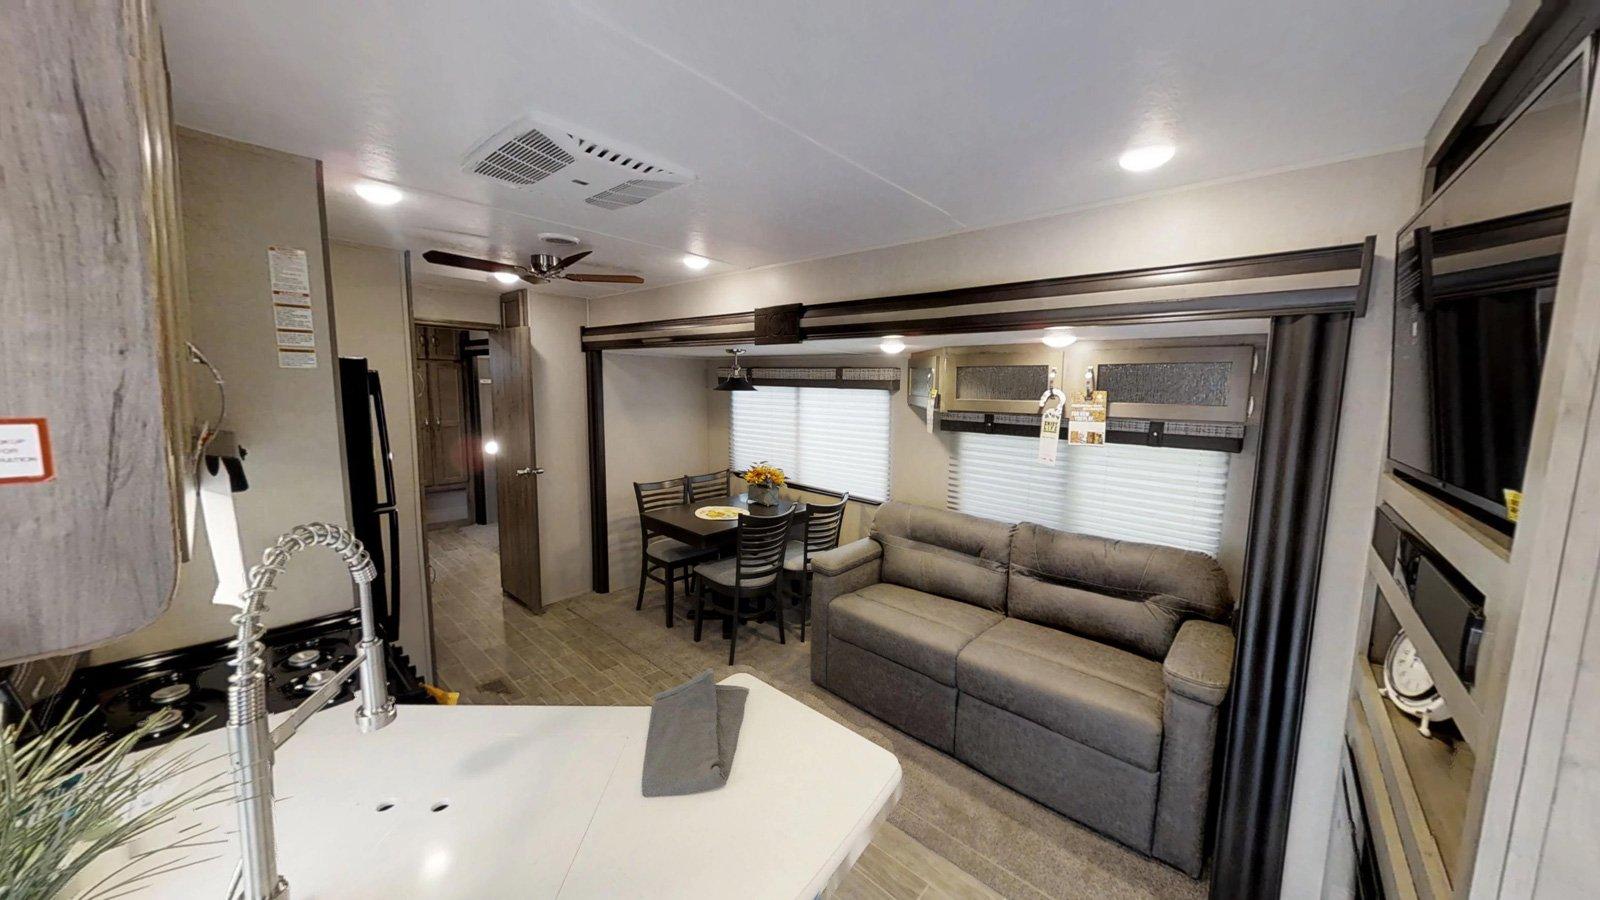 palomino puma destination trailer interior